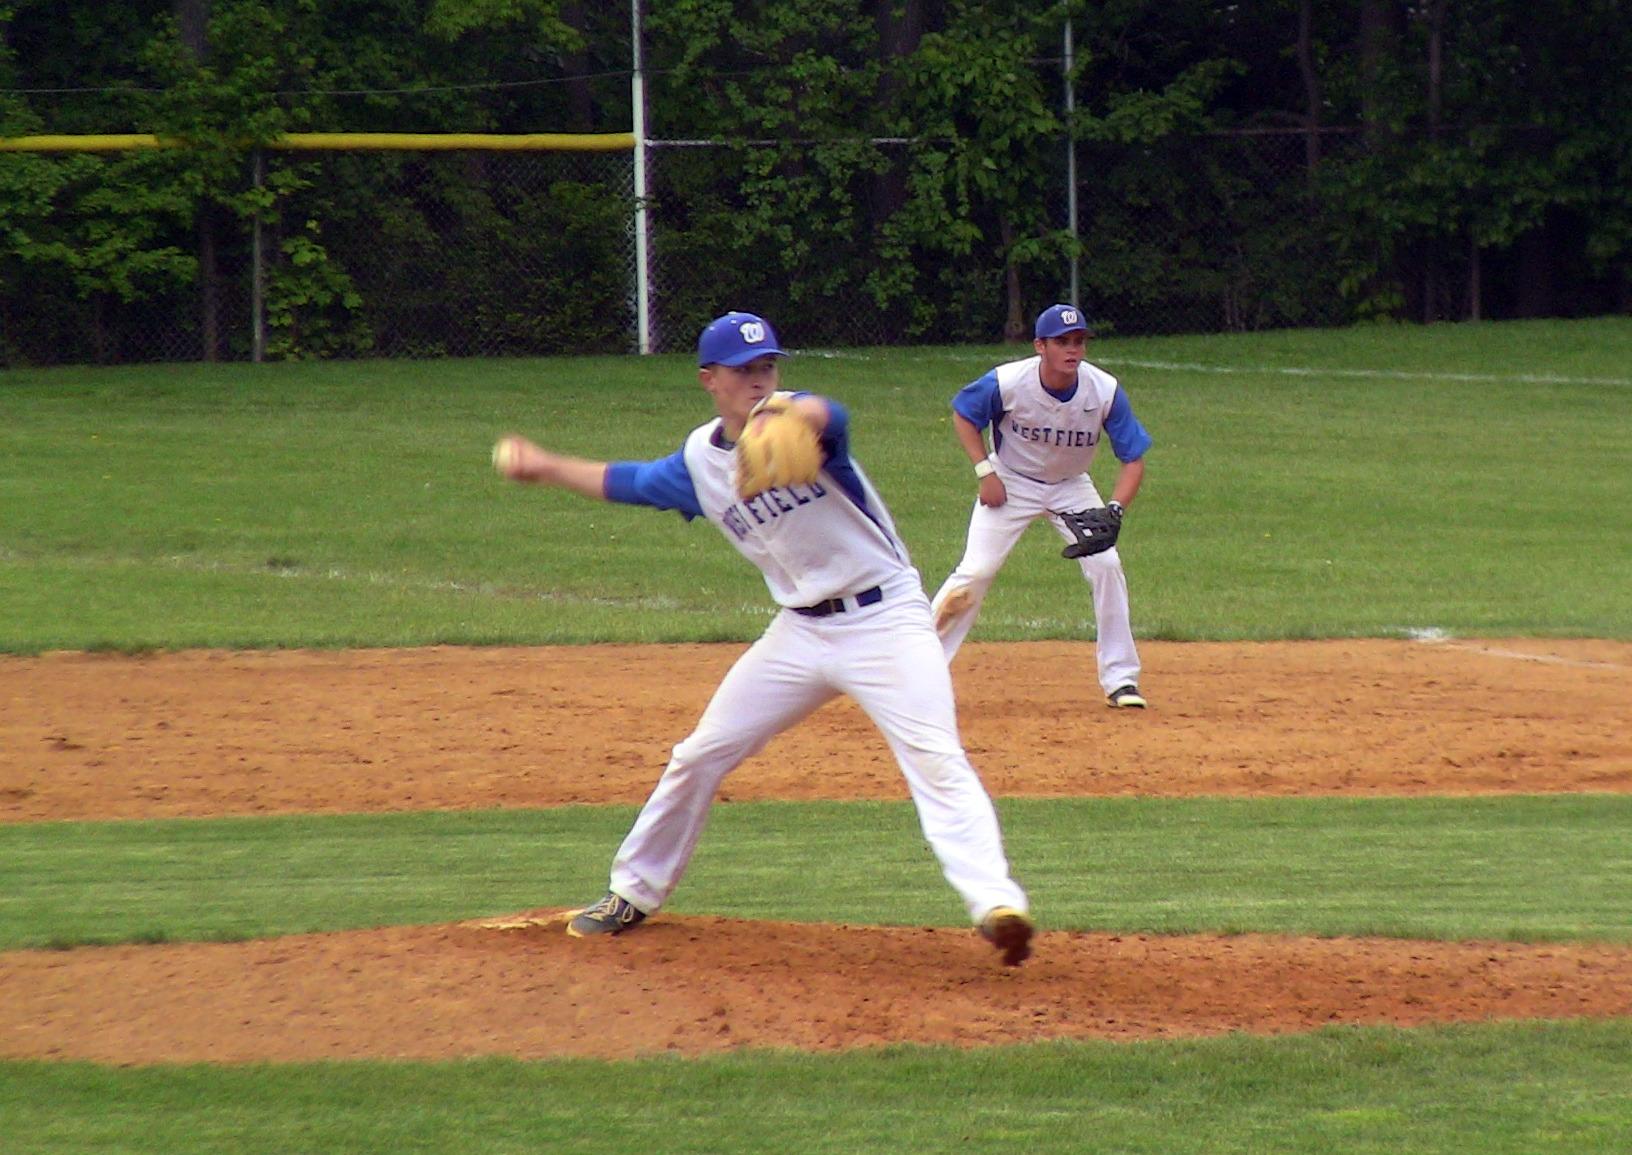 f56d3e0077ff50503b37_Westfield_pitcher_5-22-14.jpg